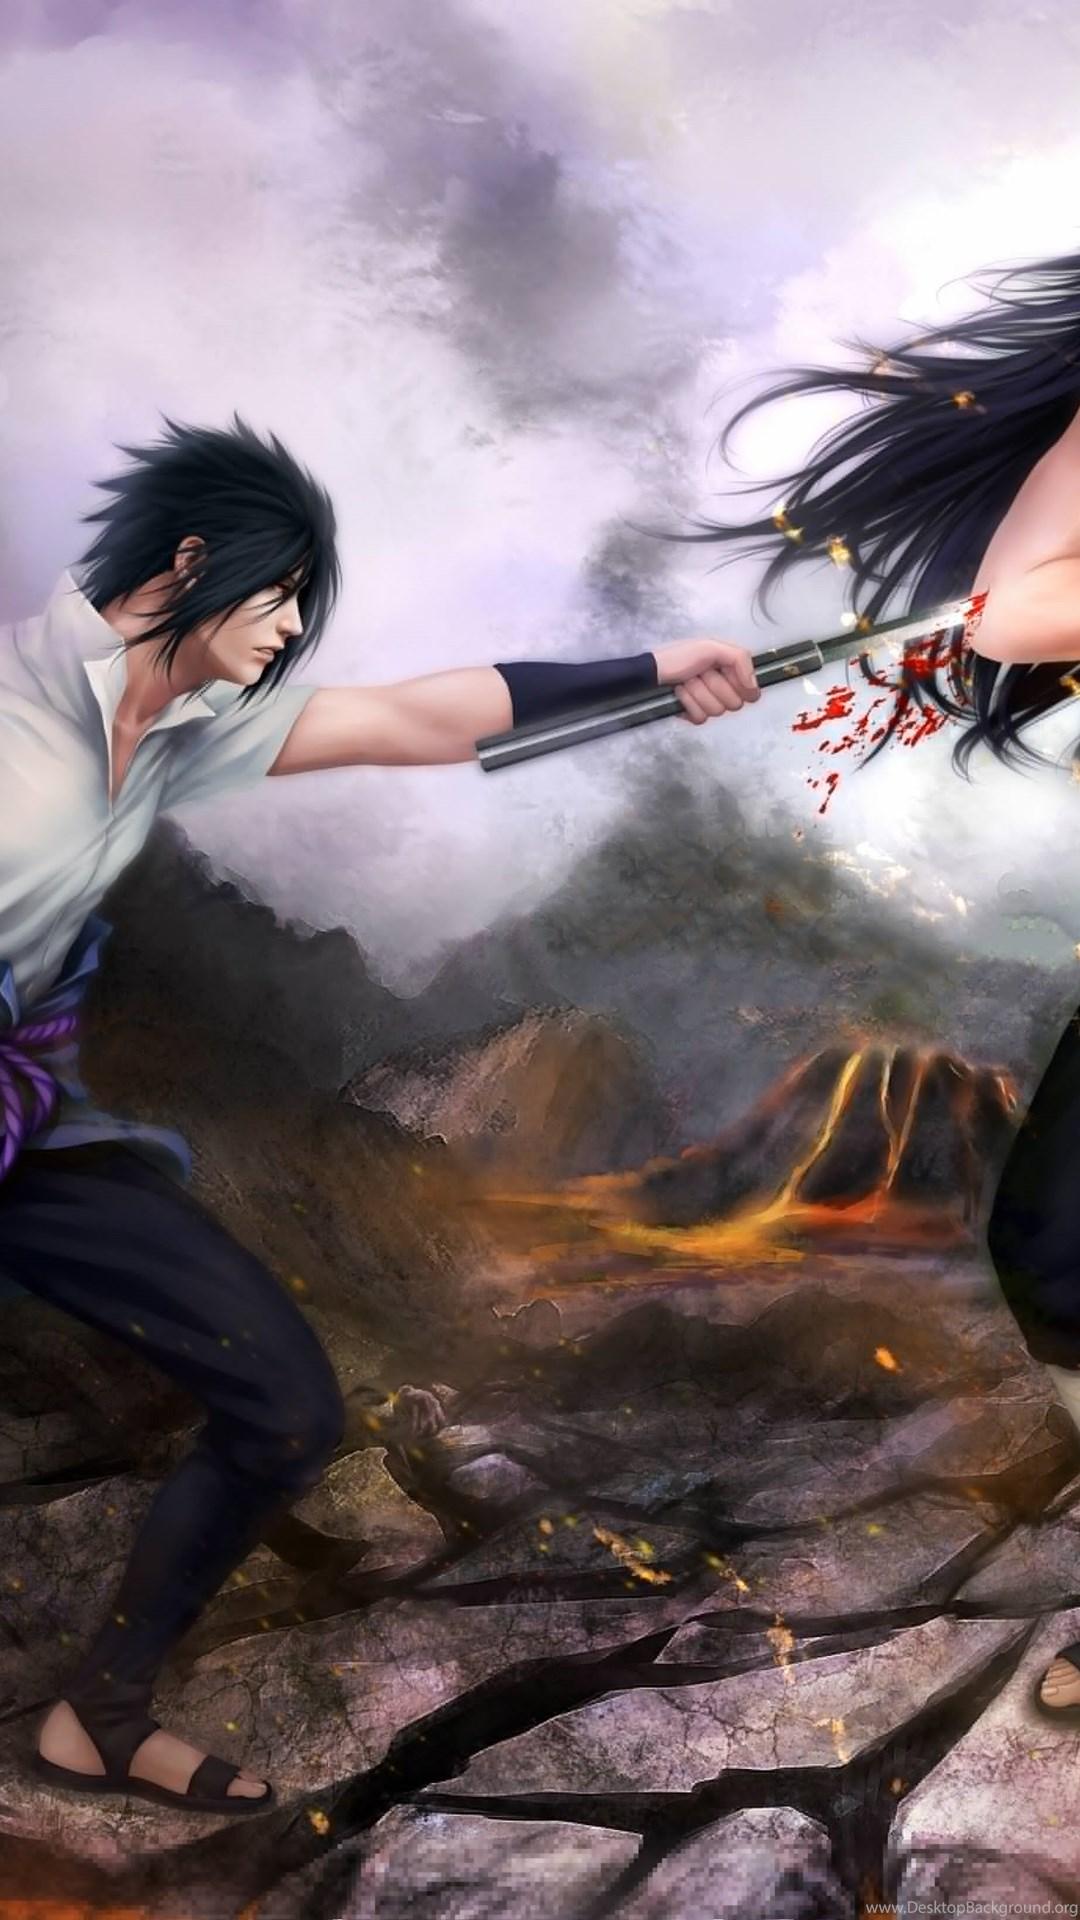 Art Naruto Sasuke Uchiha Madara Uchiha Battle Wallpapers Desktop Background